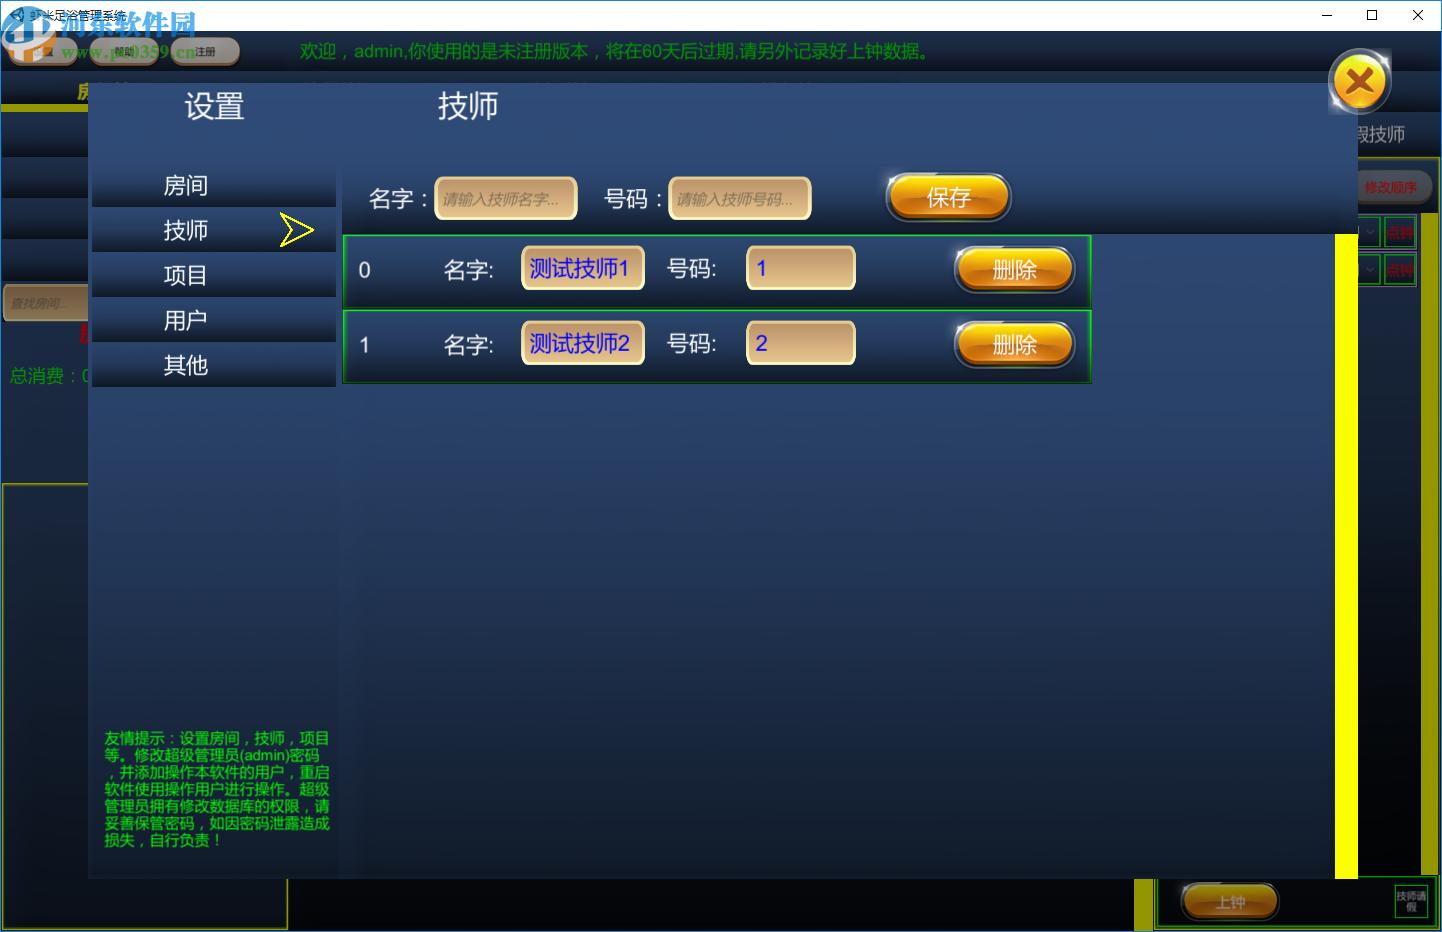 虾米足浴管理系统